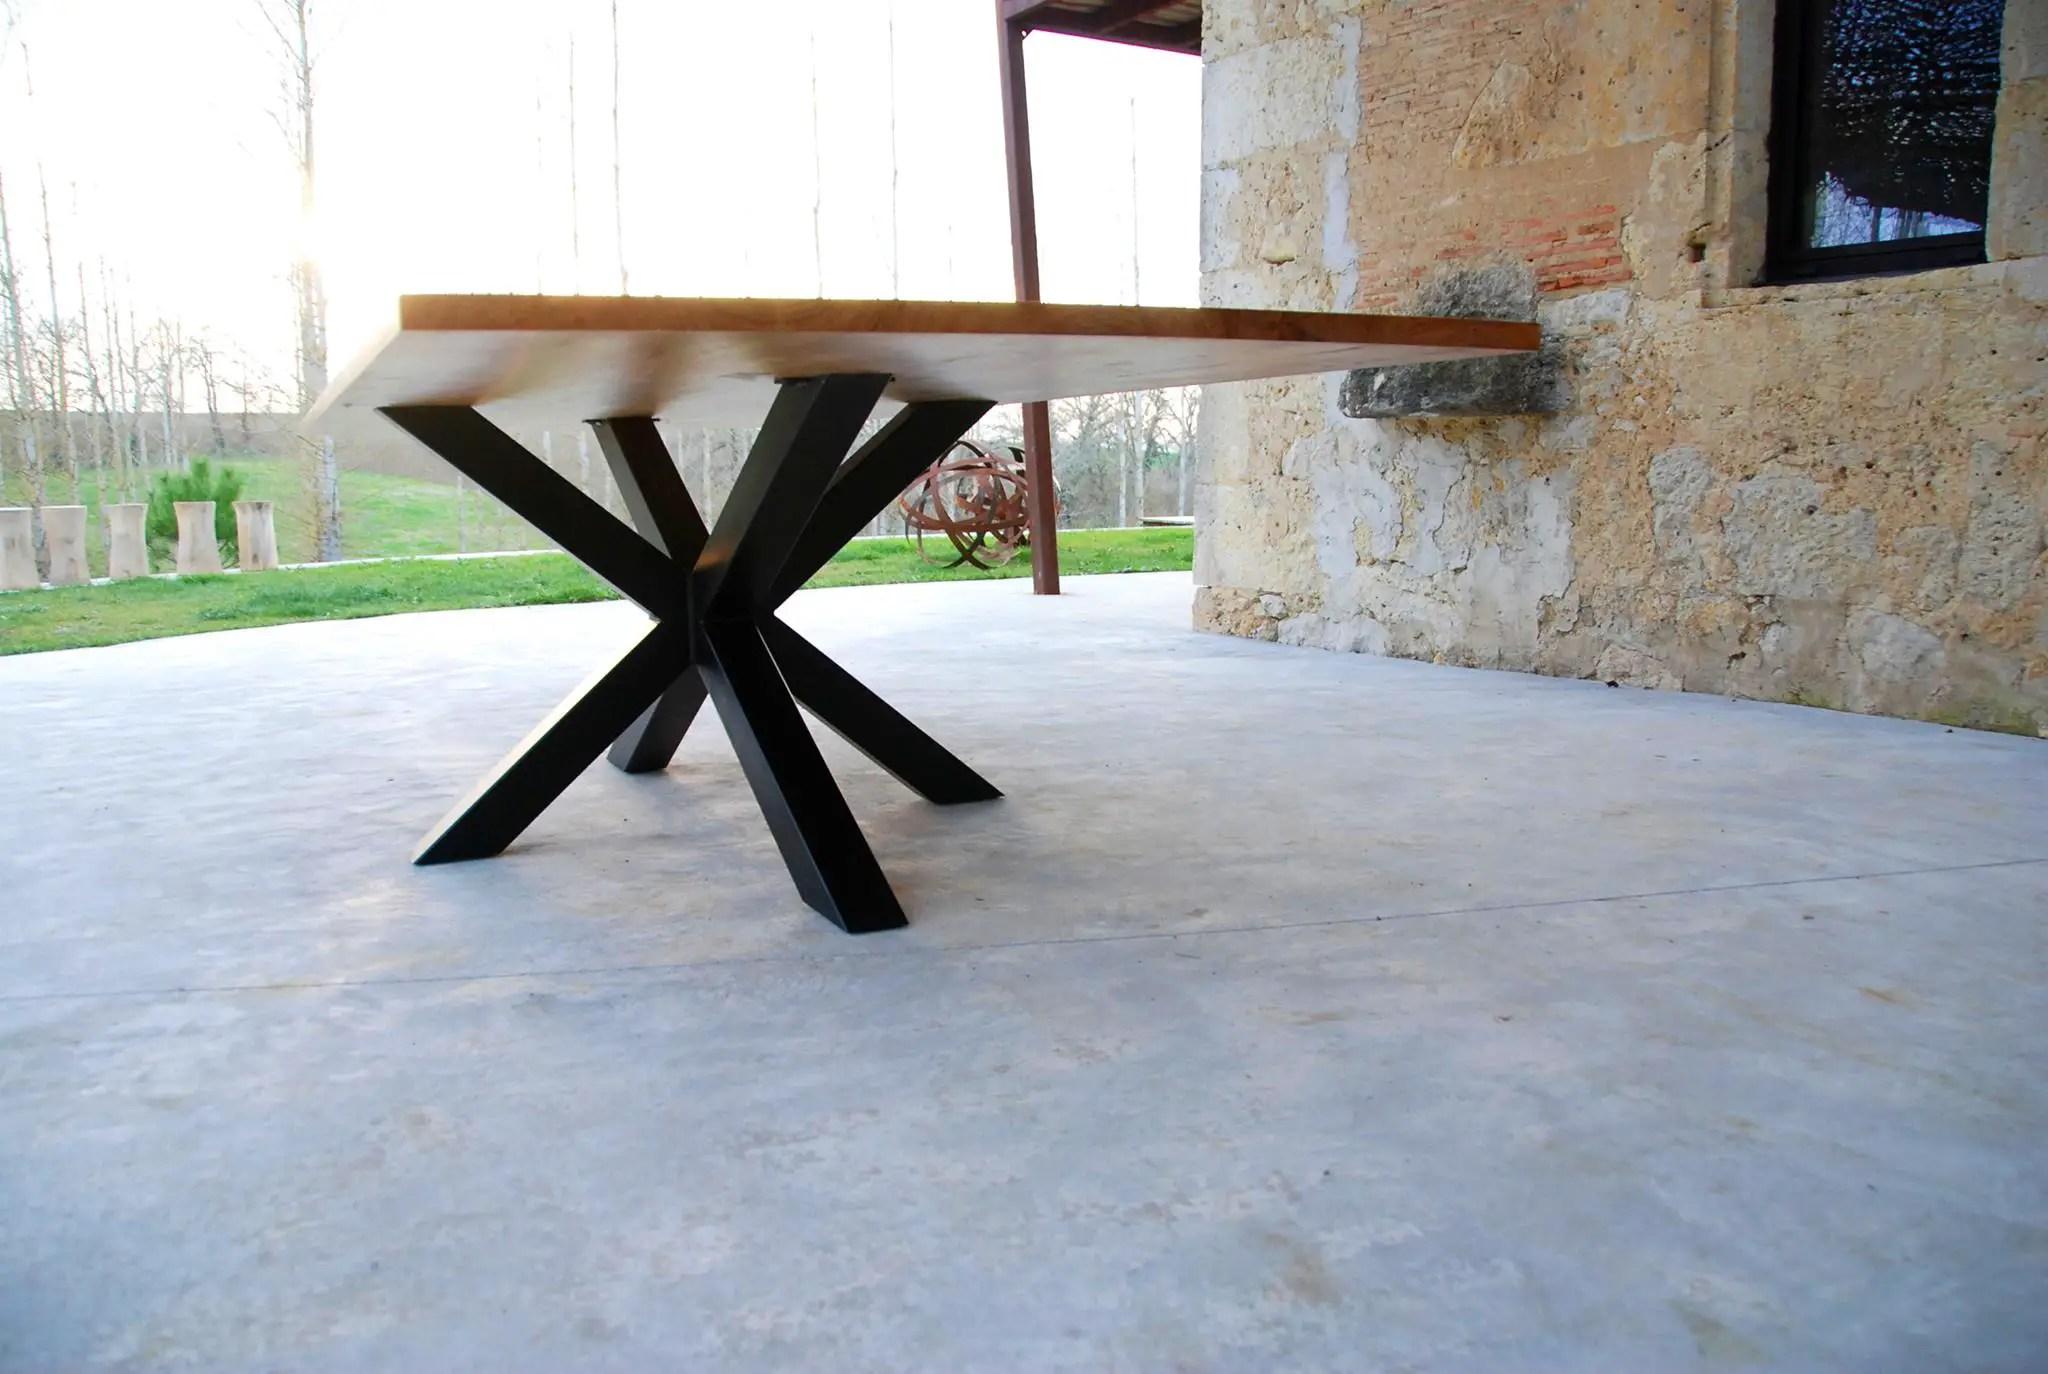 Ripaton Pieds De Table ripaton x lilm - lilm